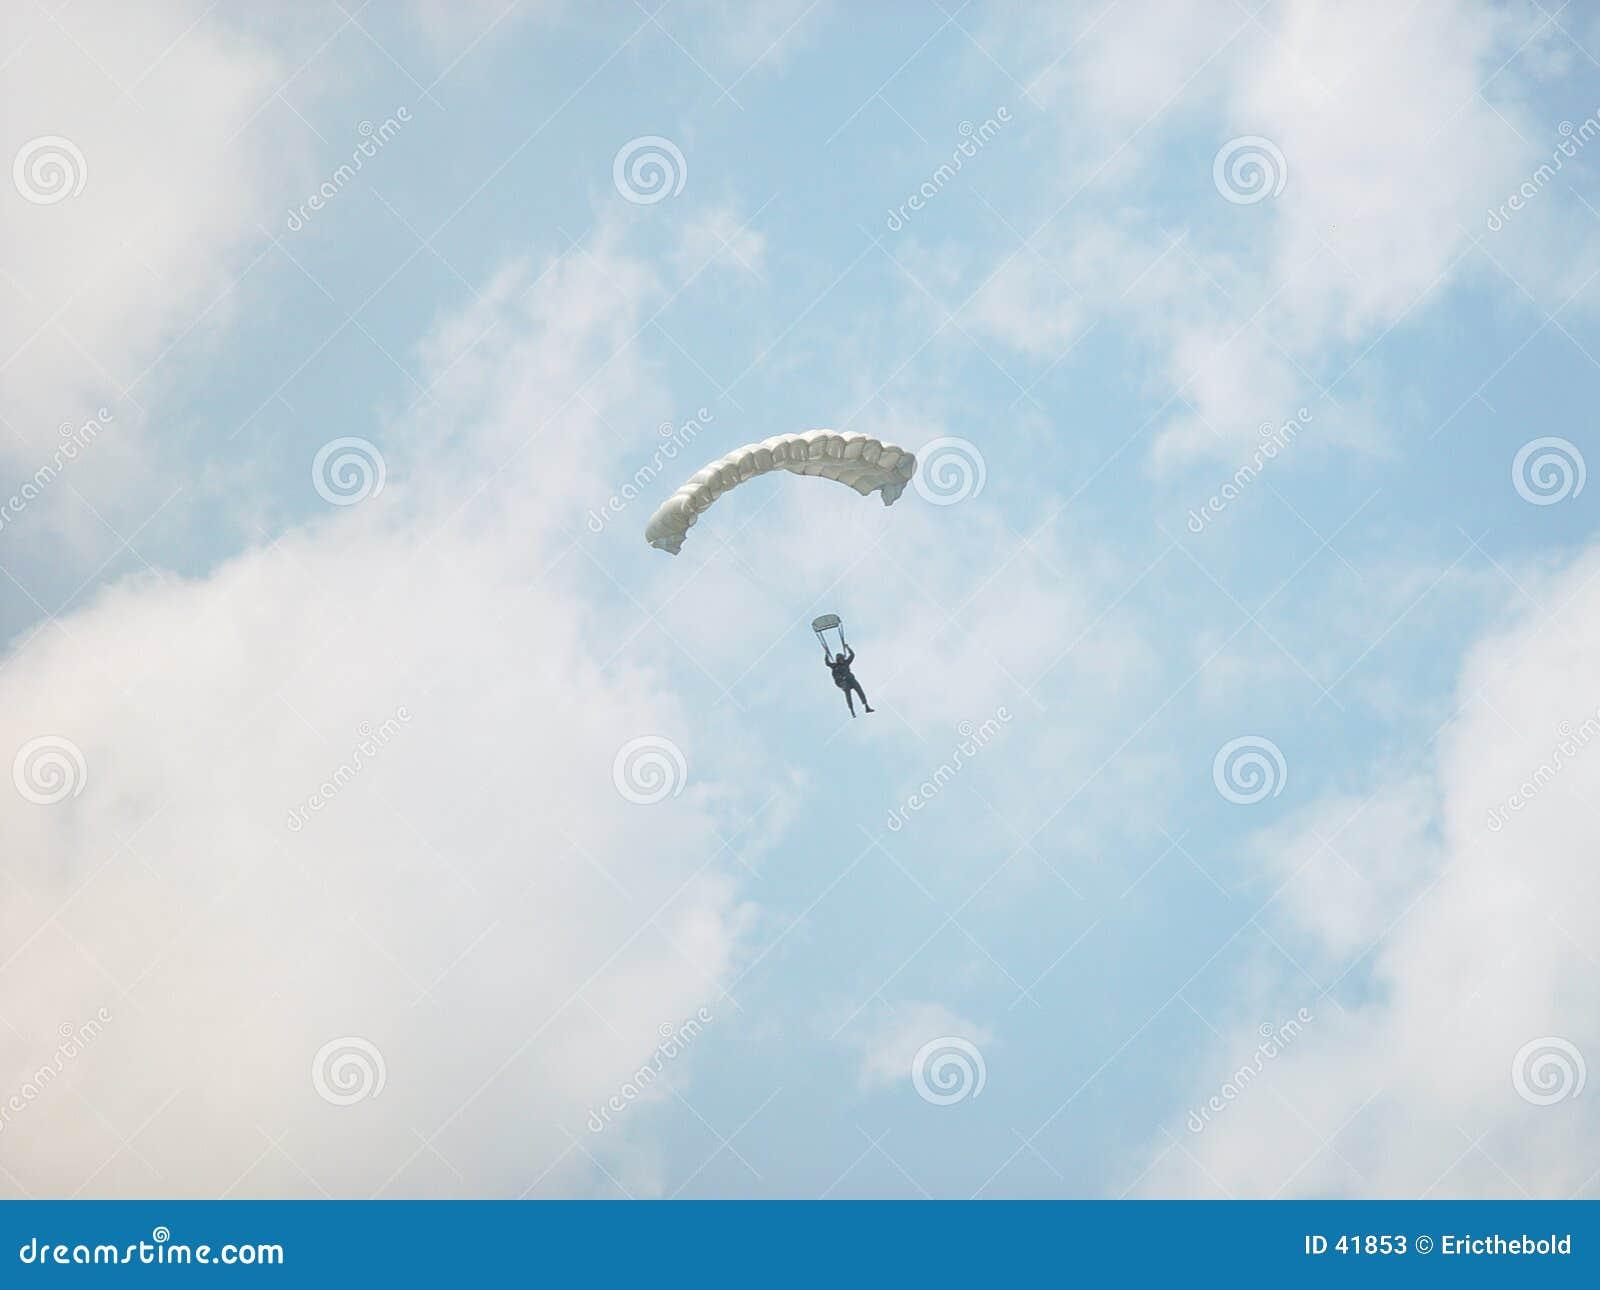 Download Mitten in der Luft stockbild. Bild von airshow, gefahr, flugzeug - 41853